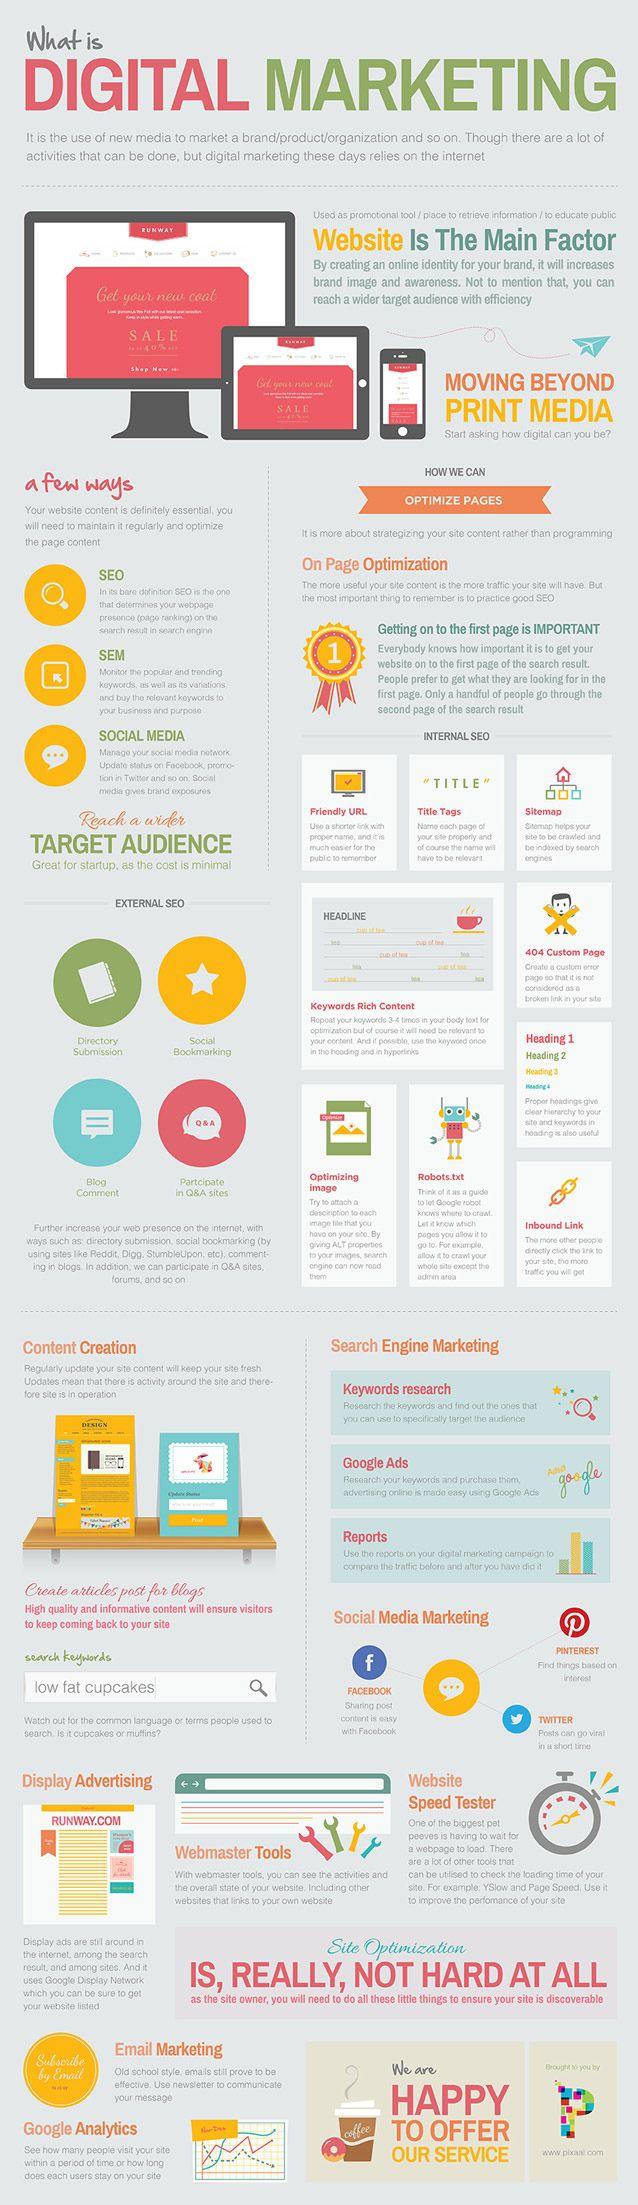 grafiker.de - INFOGRAFIK: What is Digital Marketing?